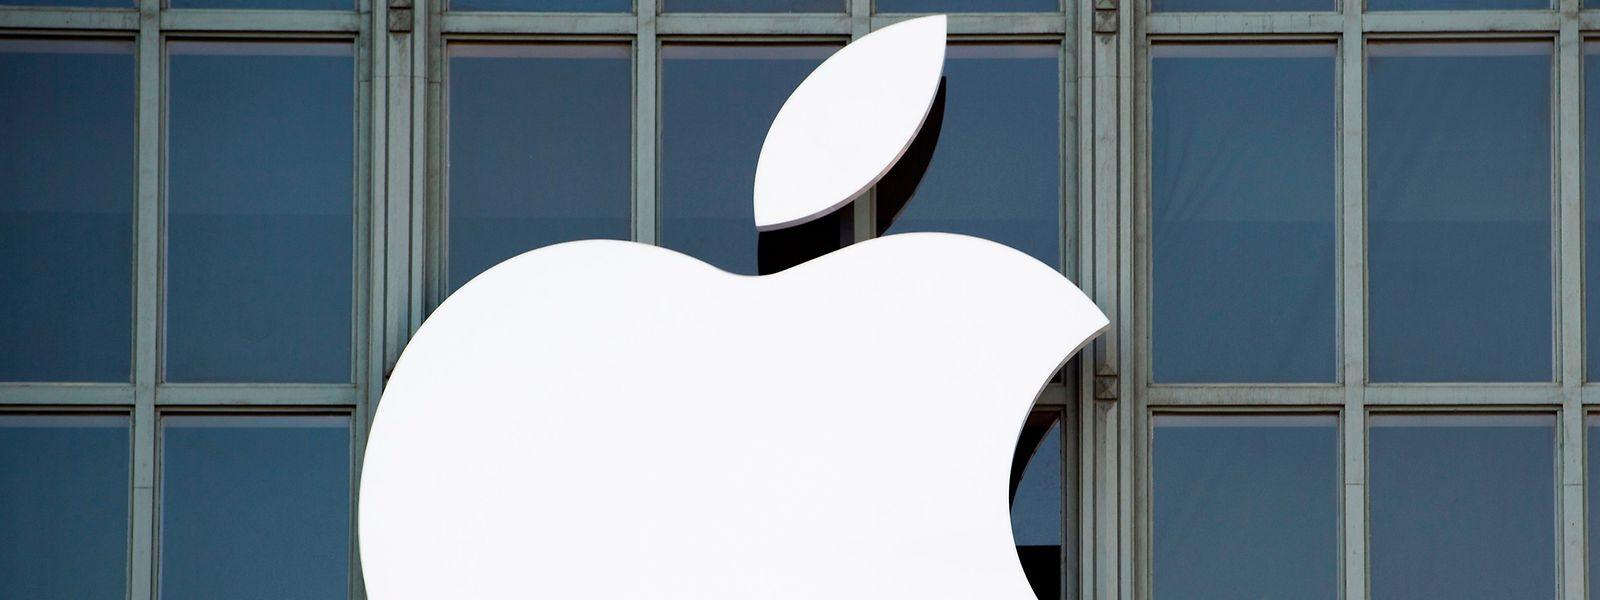 Historiquement, Apple a organisé des événements en septembre pour dévoiler ses nouveautés. Le groupe ne devrait pas y déroger pour le millésime 2018.